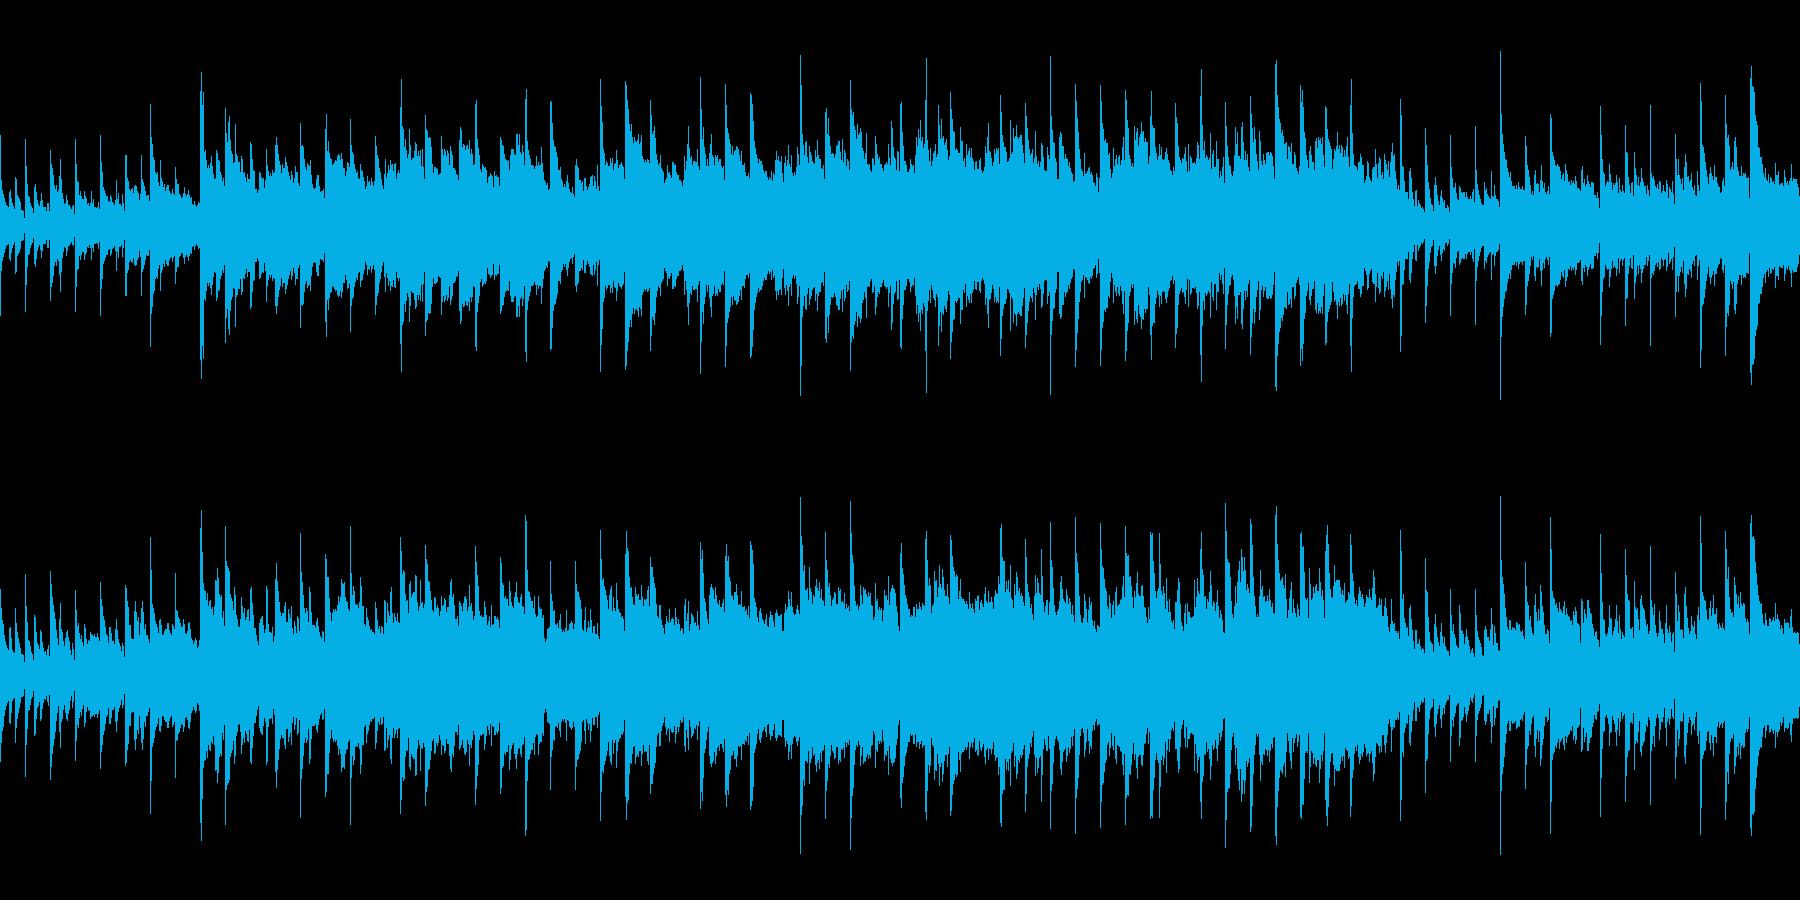 幻想的でもの悲しげな曲 (ループ仕様)の再生済みの波形